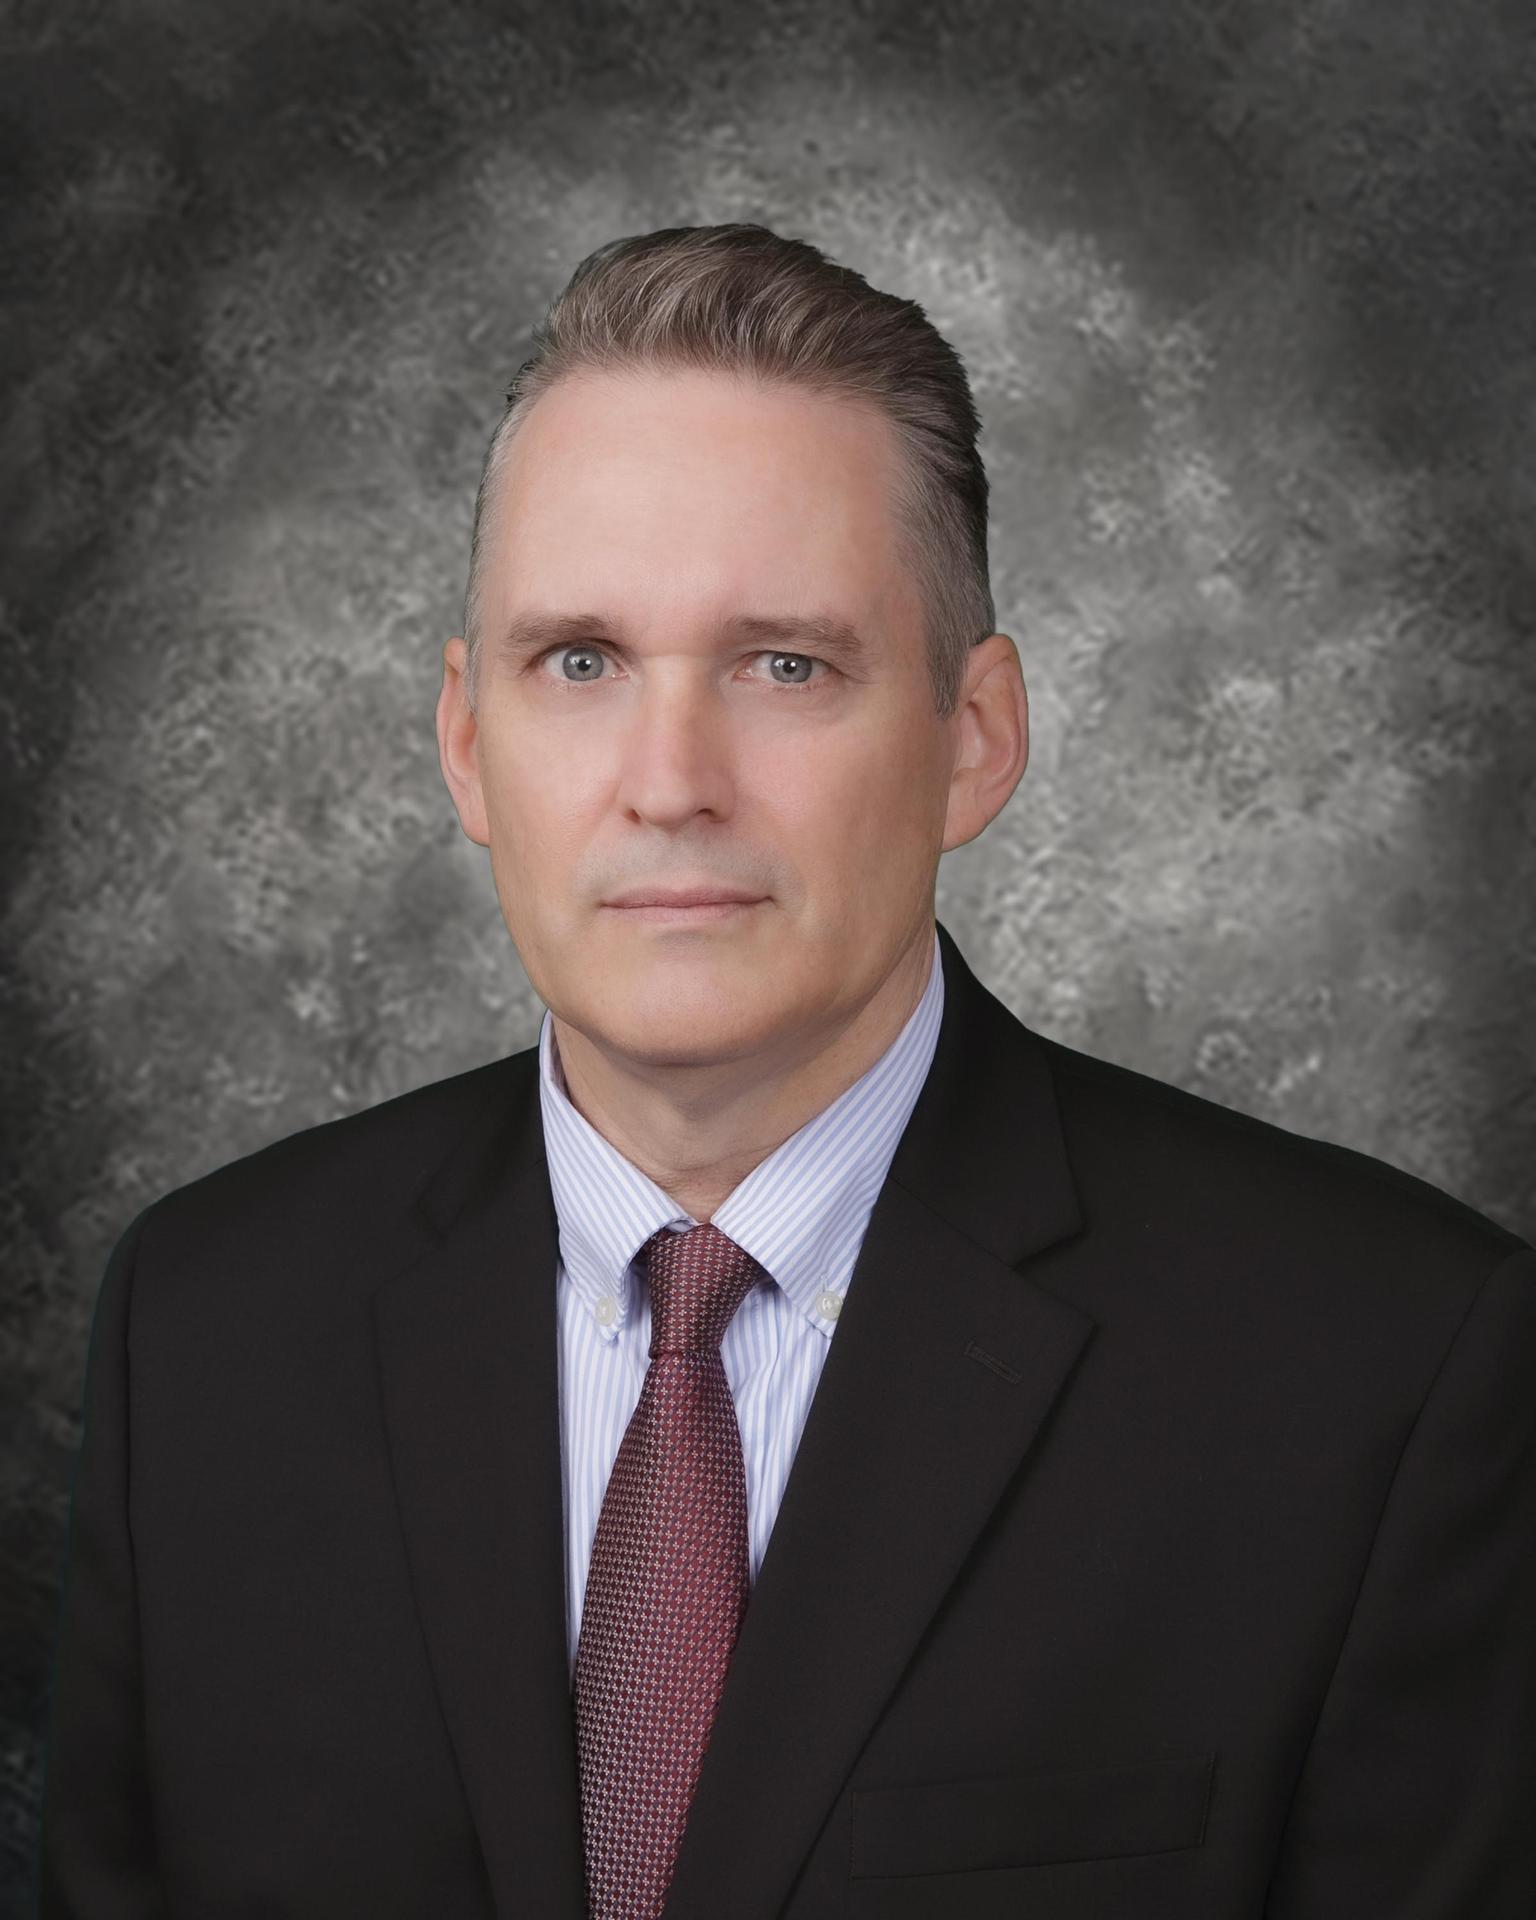 Mr McDonough portrait 2020